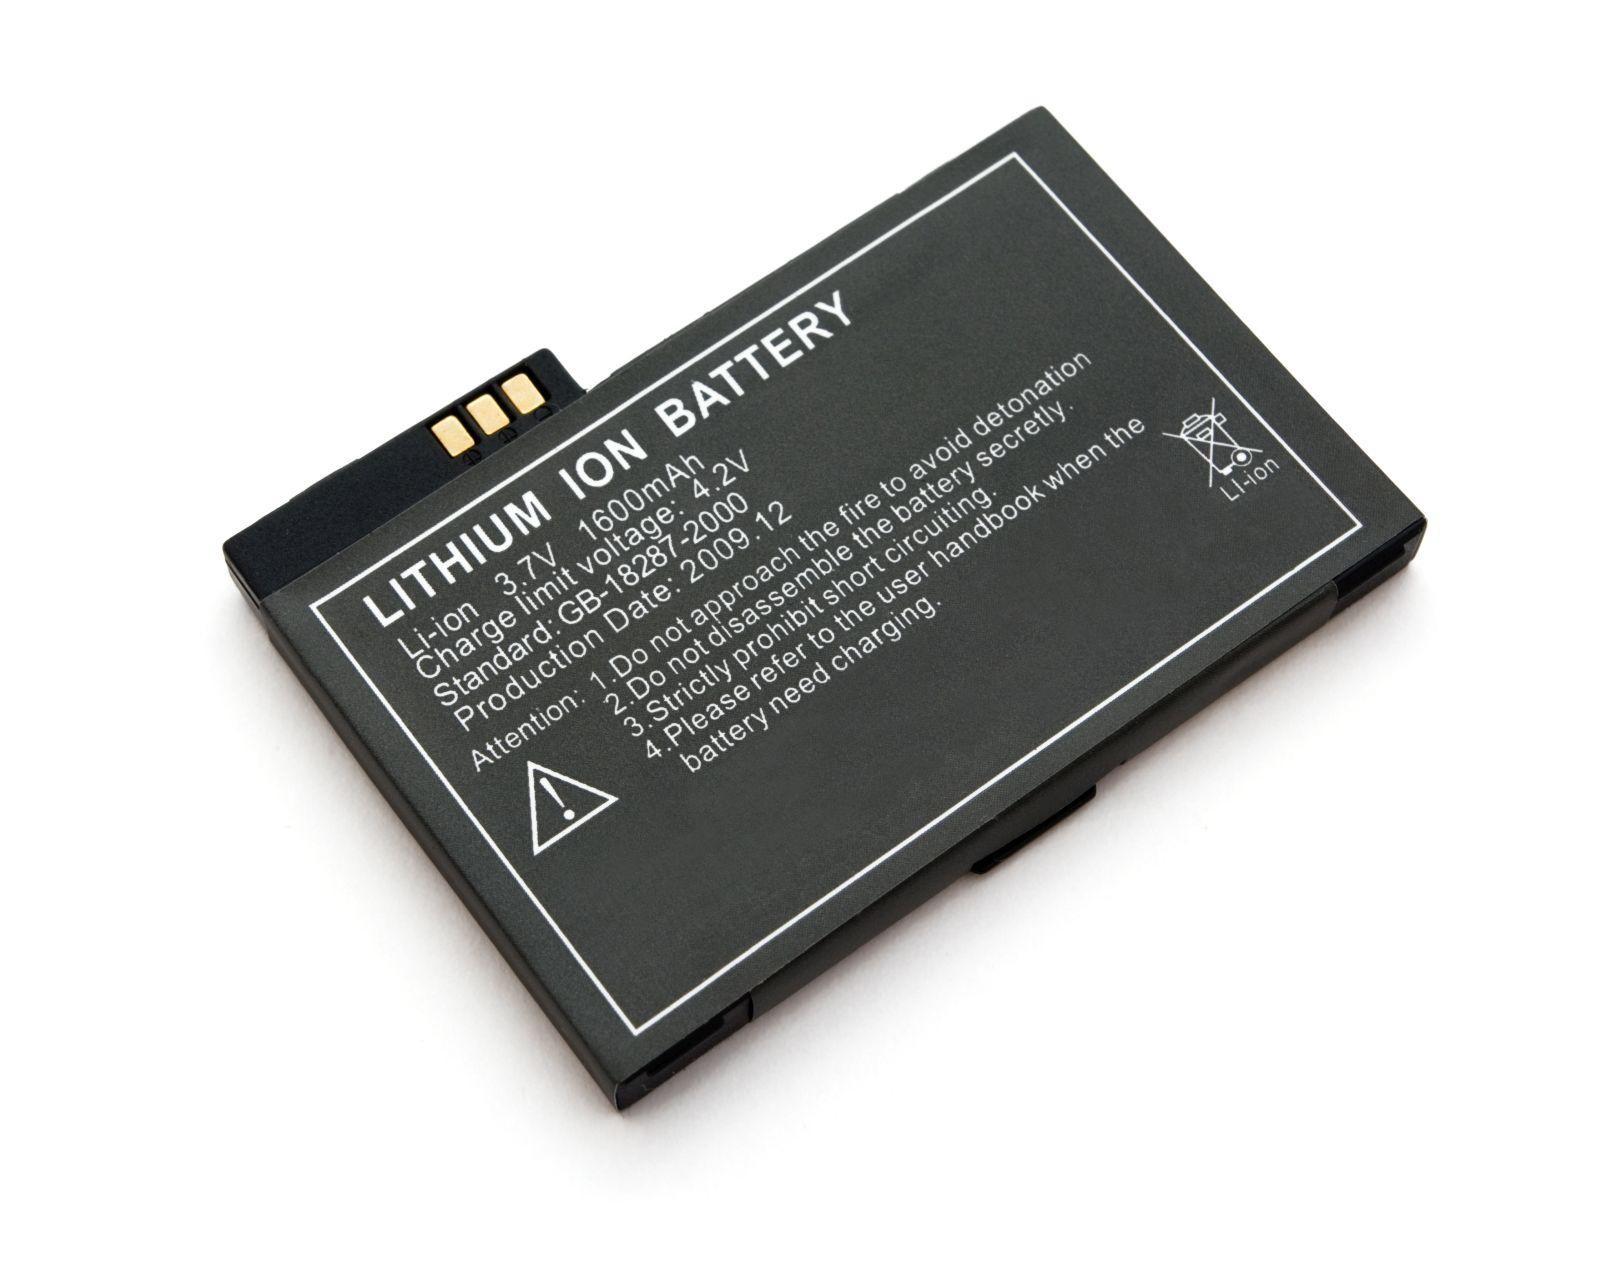 Das US-Verkehrsministerium will aufgrund ihrer Gefahr die Regelungen für den Transport von Lithium-Ionen-Akkus und -Batterien deutlich verschärfen.